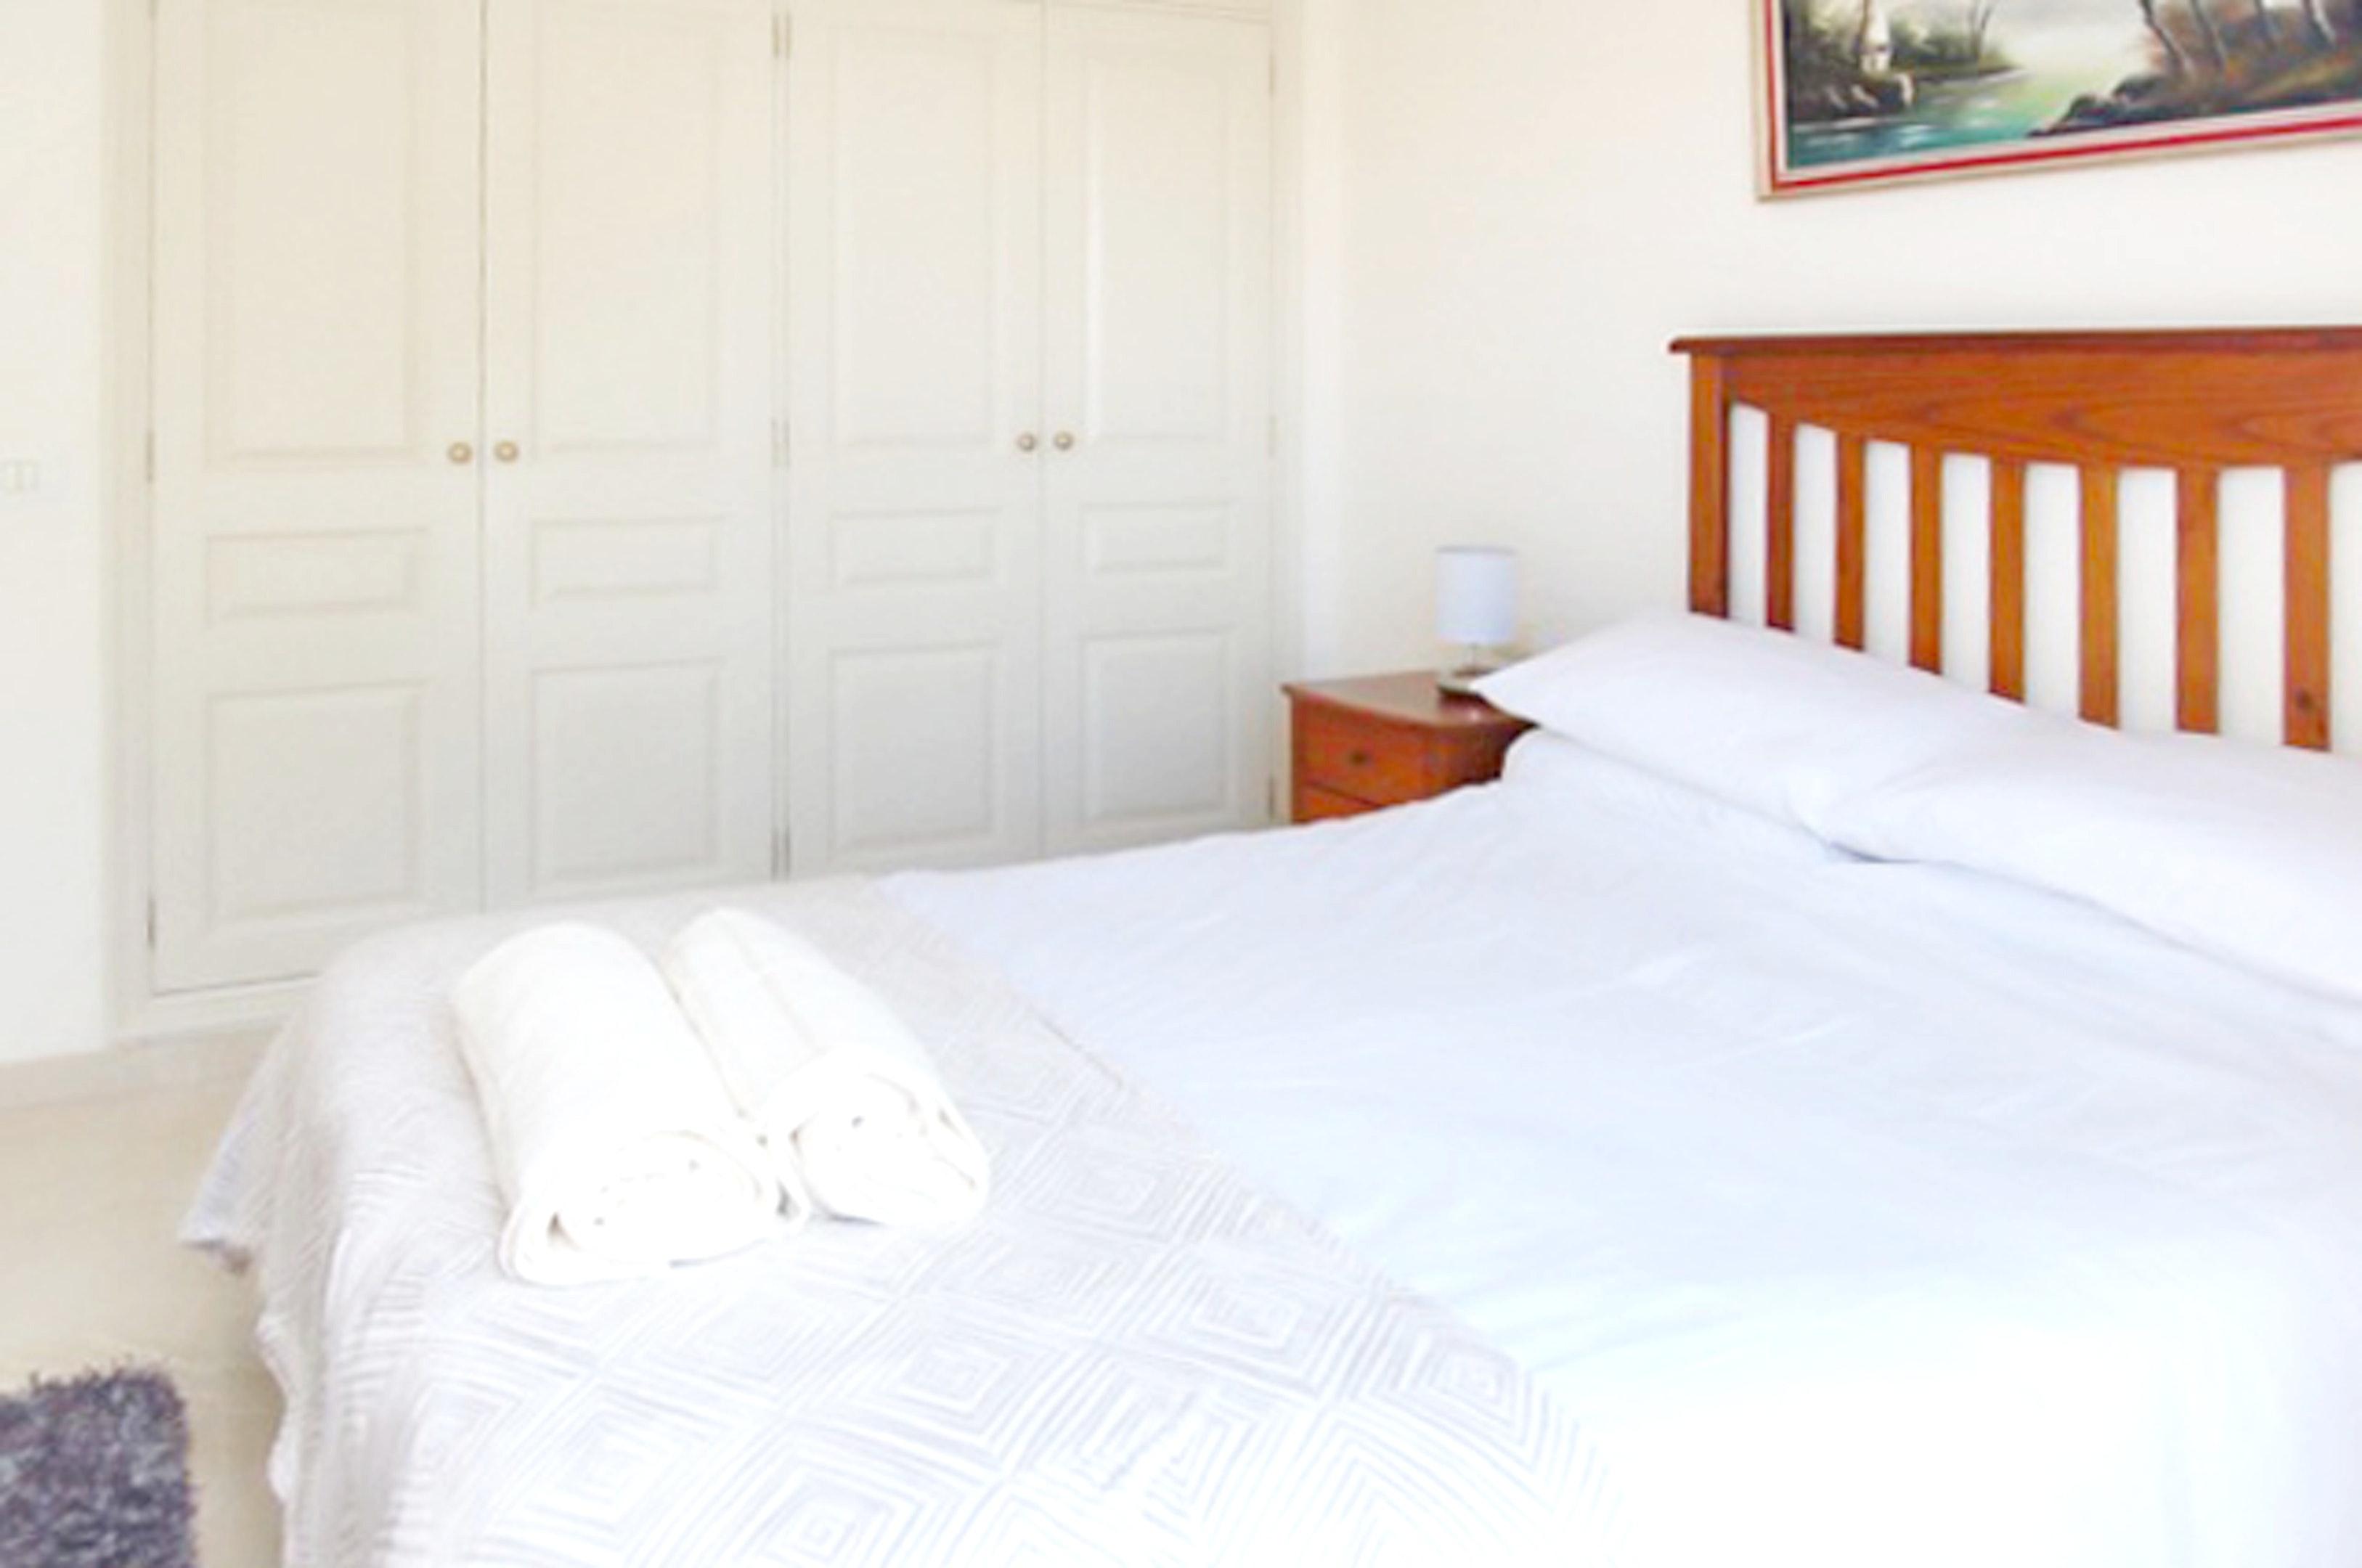 Appartement de vacances Wohnung mit 2 Schlafzimmern in Palm-Mar mit Pool, möblierter Terrasse und W-LAN - 800 m vo (2201692), Palm-Mar, Ténérife, Iles Canaries, Espagne, image 7